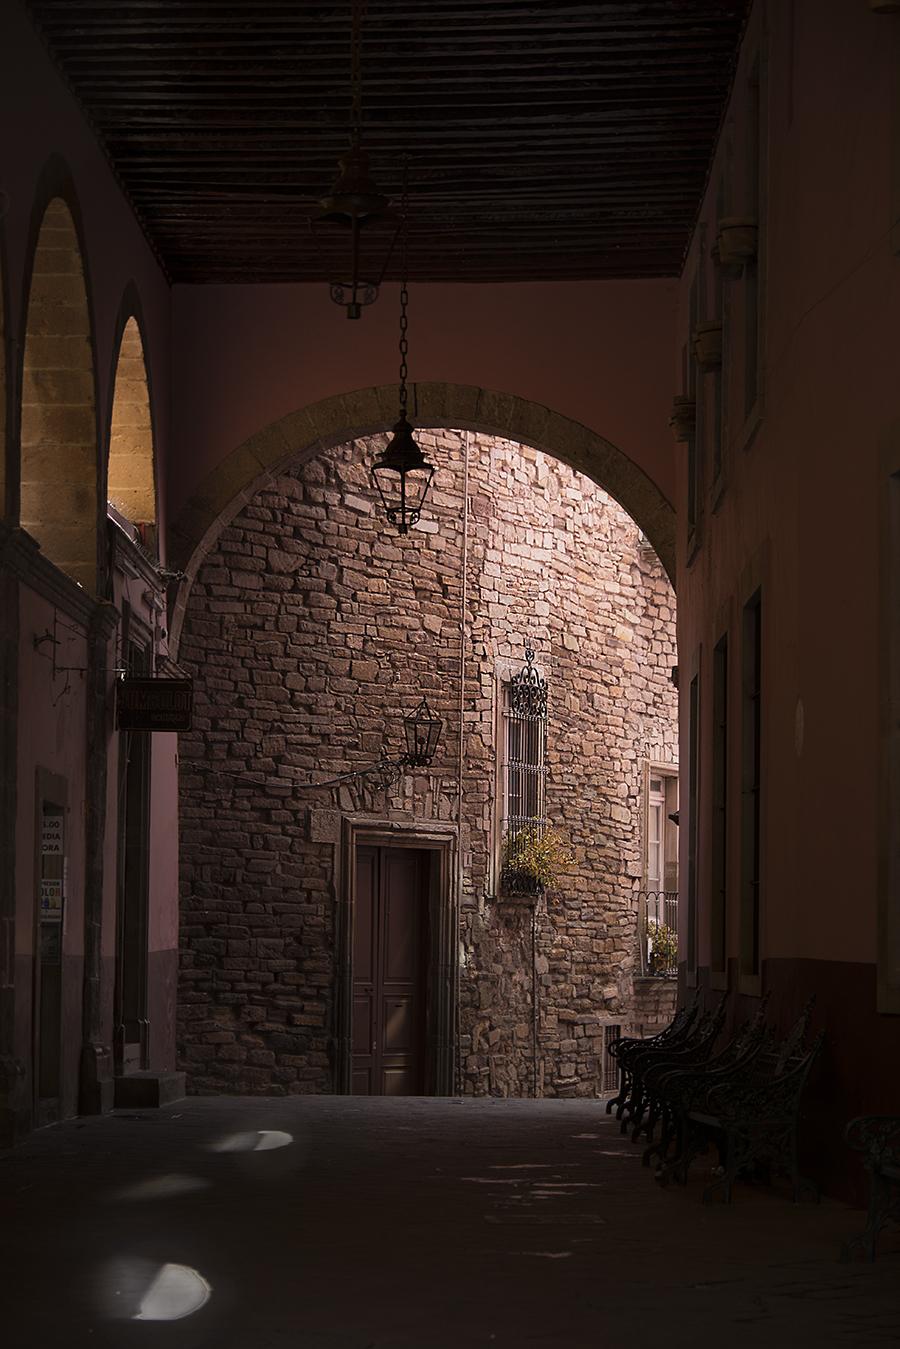 ZoeYunZou_Photography_Architecture_UnderArch_PastAndFuture_Mexico_Guanajuato